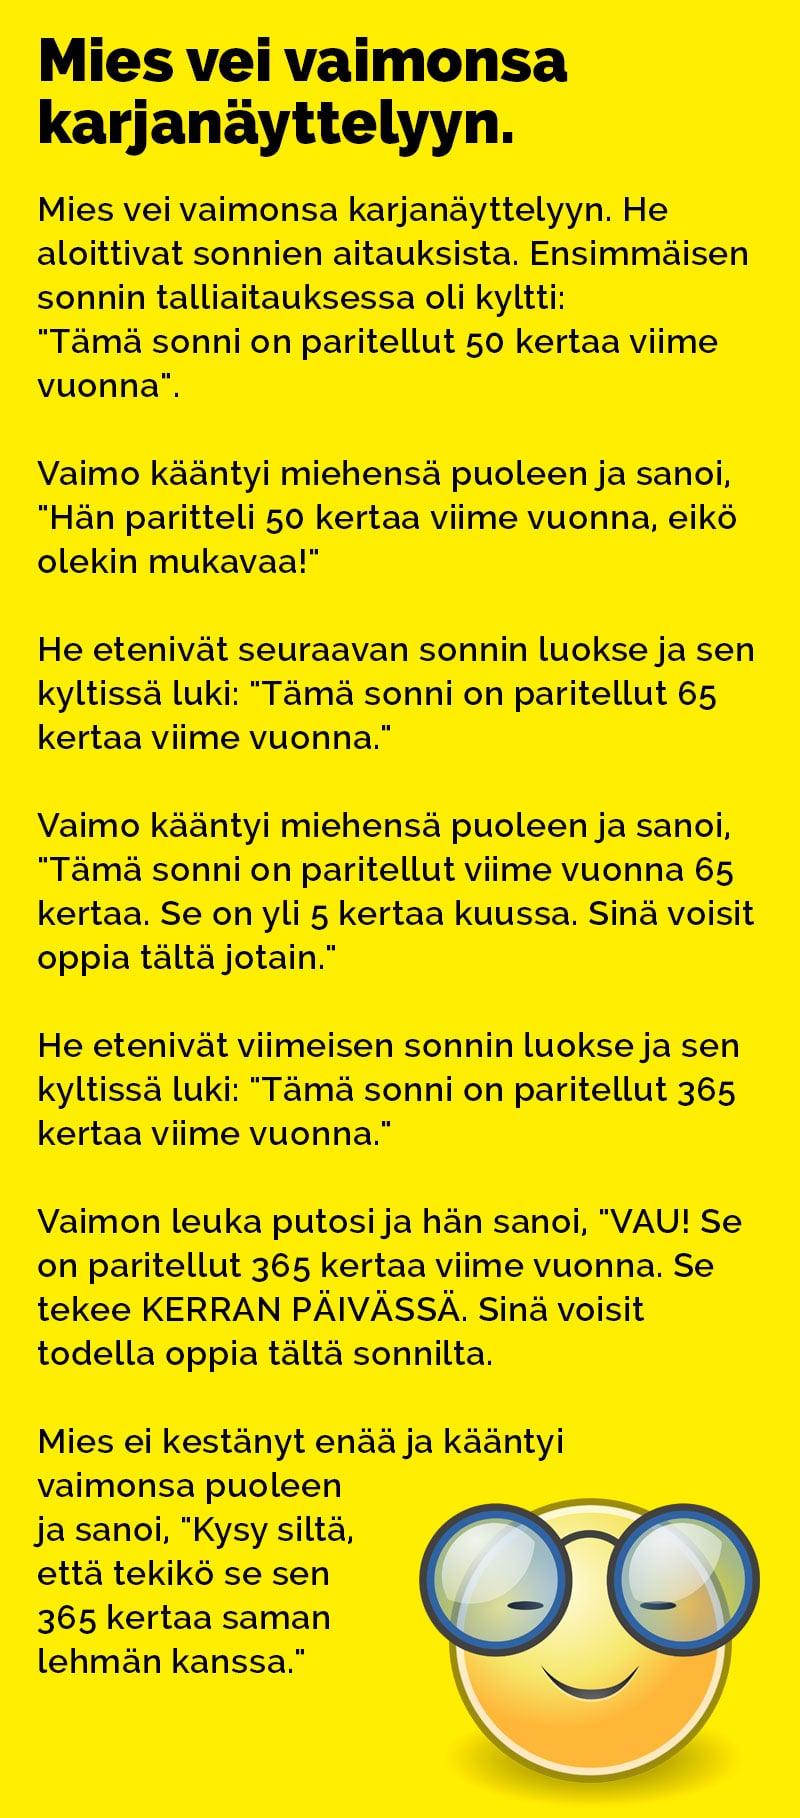 mies_vei_vaimonsa_karjanayttelyyn_2